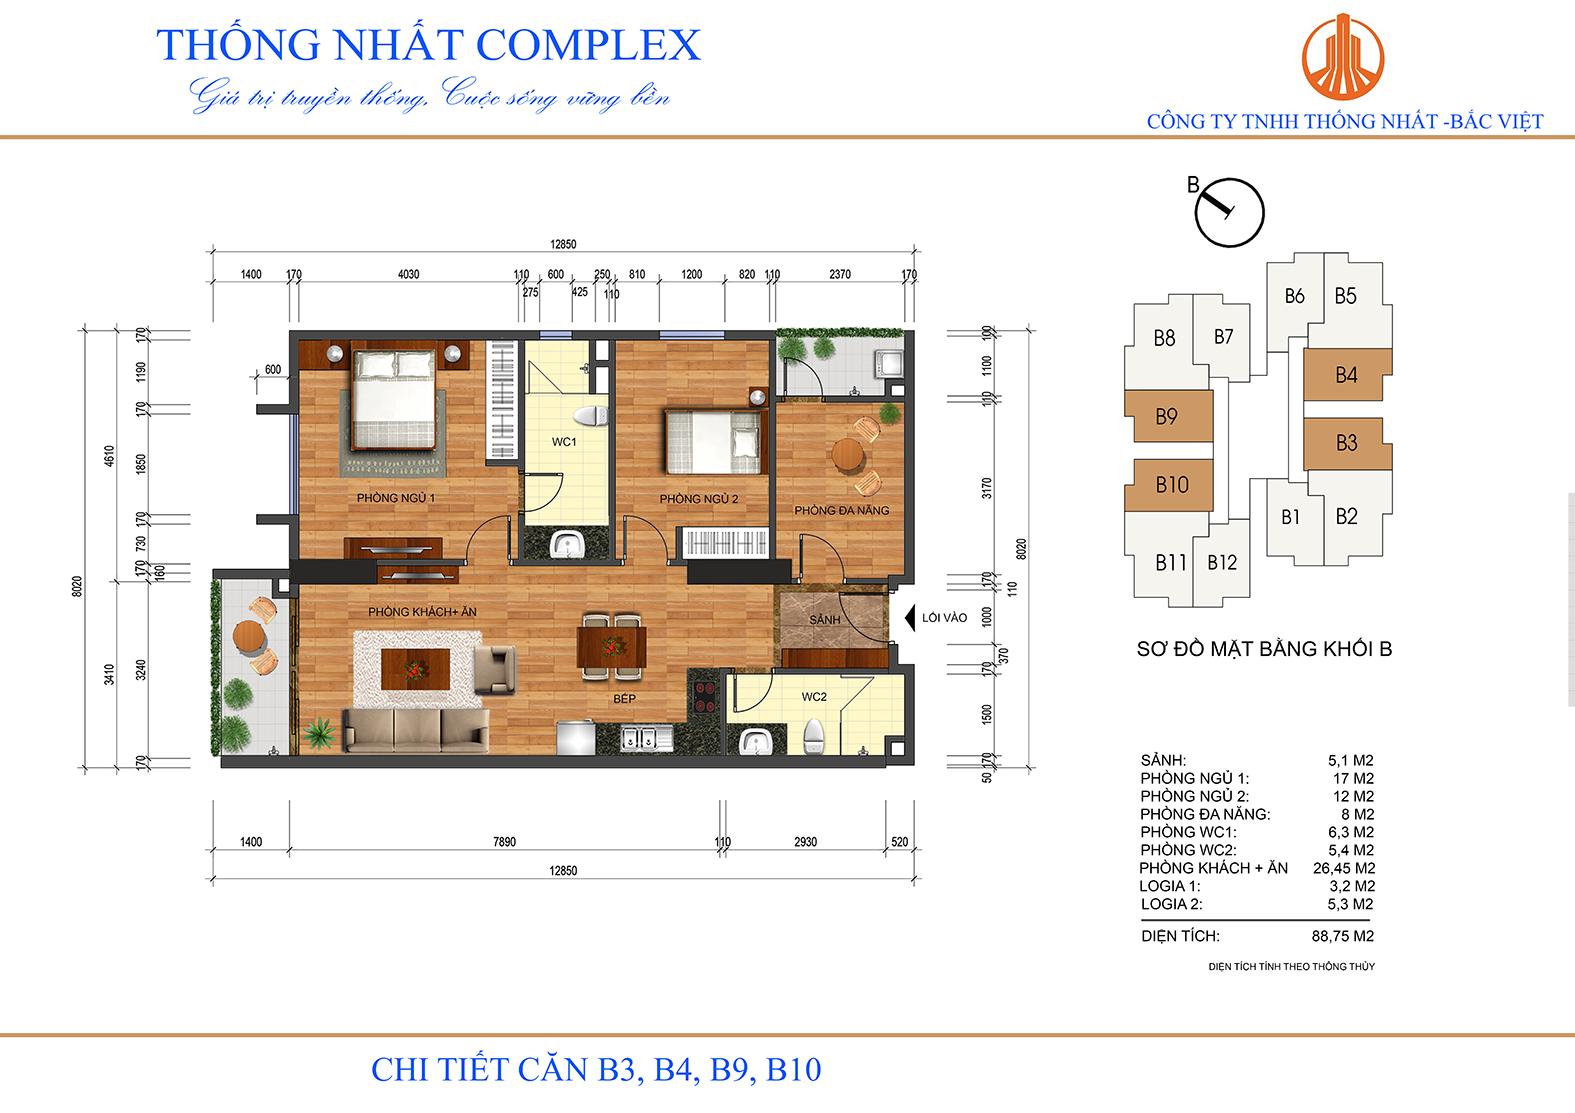 Thiết kế mặt bằng chi tiết căn hộ 88,75 m2 Thông Nhất Complex